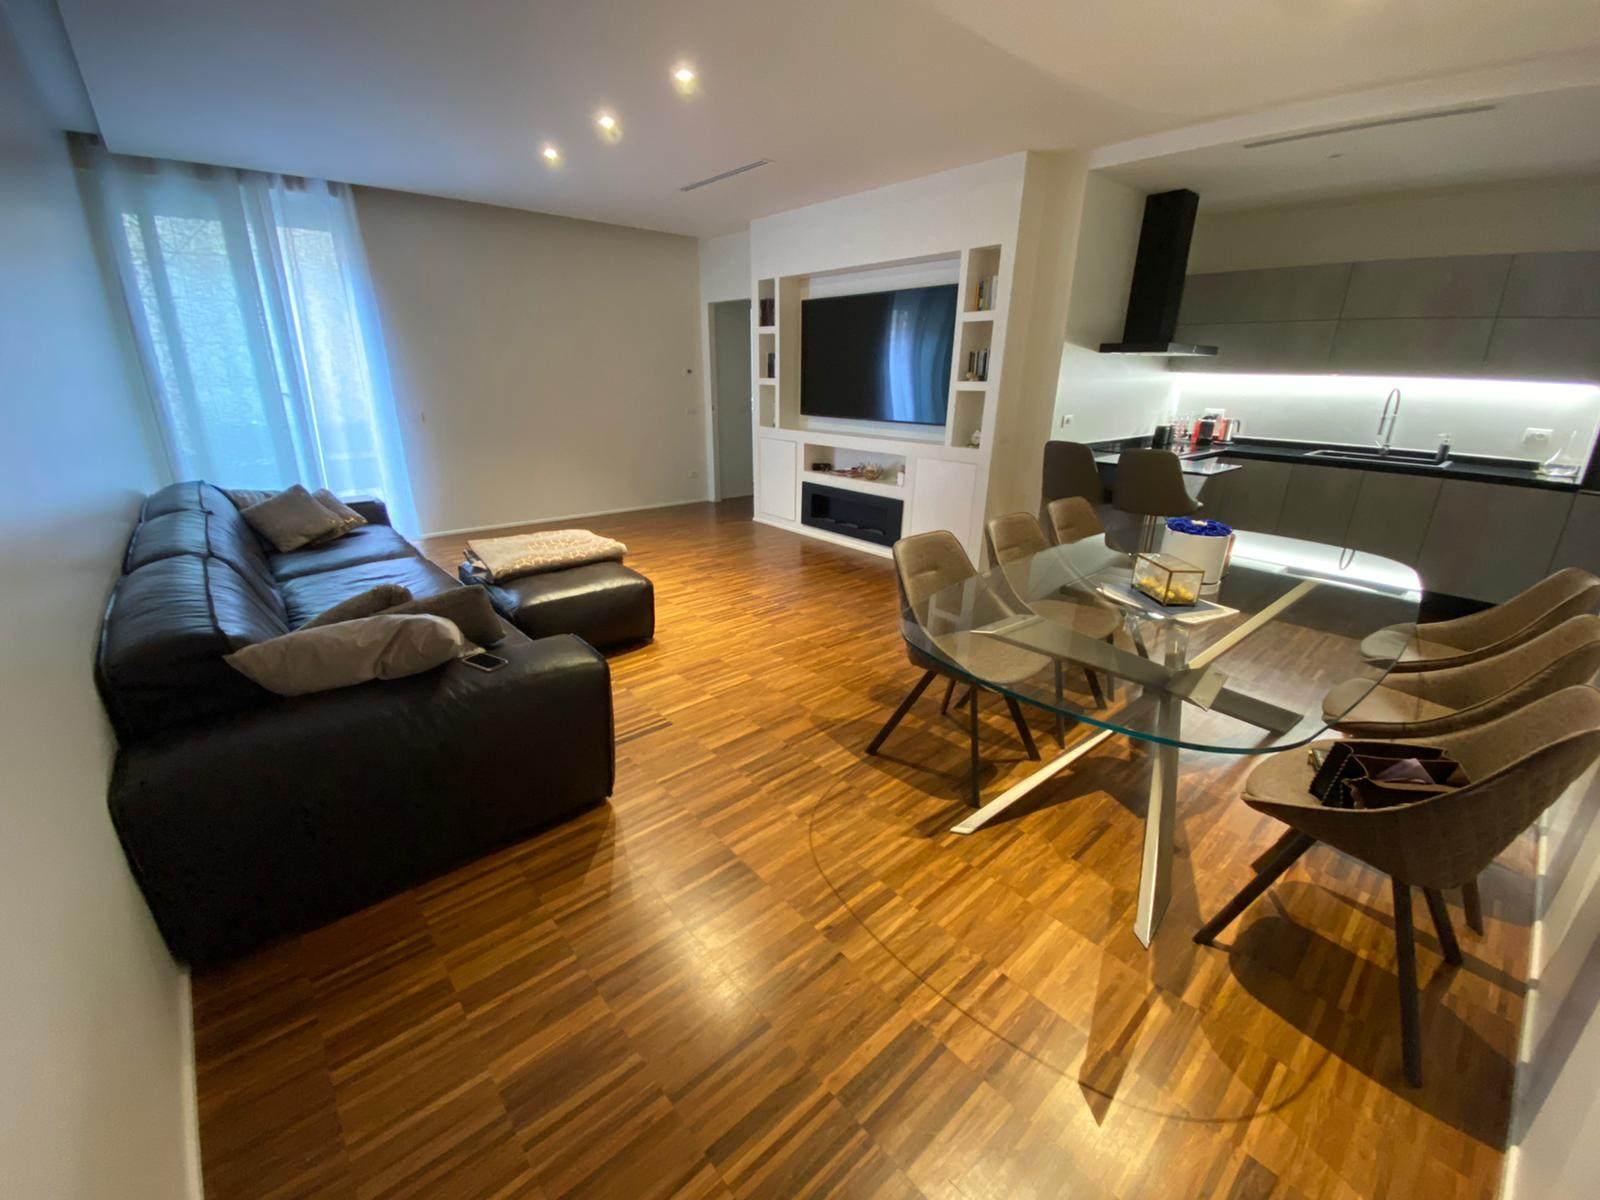 Appartamento-in-vendita-3-tre-locali-terrazzo-giardino-nuova-costruzione-spaziourbano-immobiliare-vende-milano-16